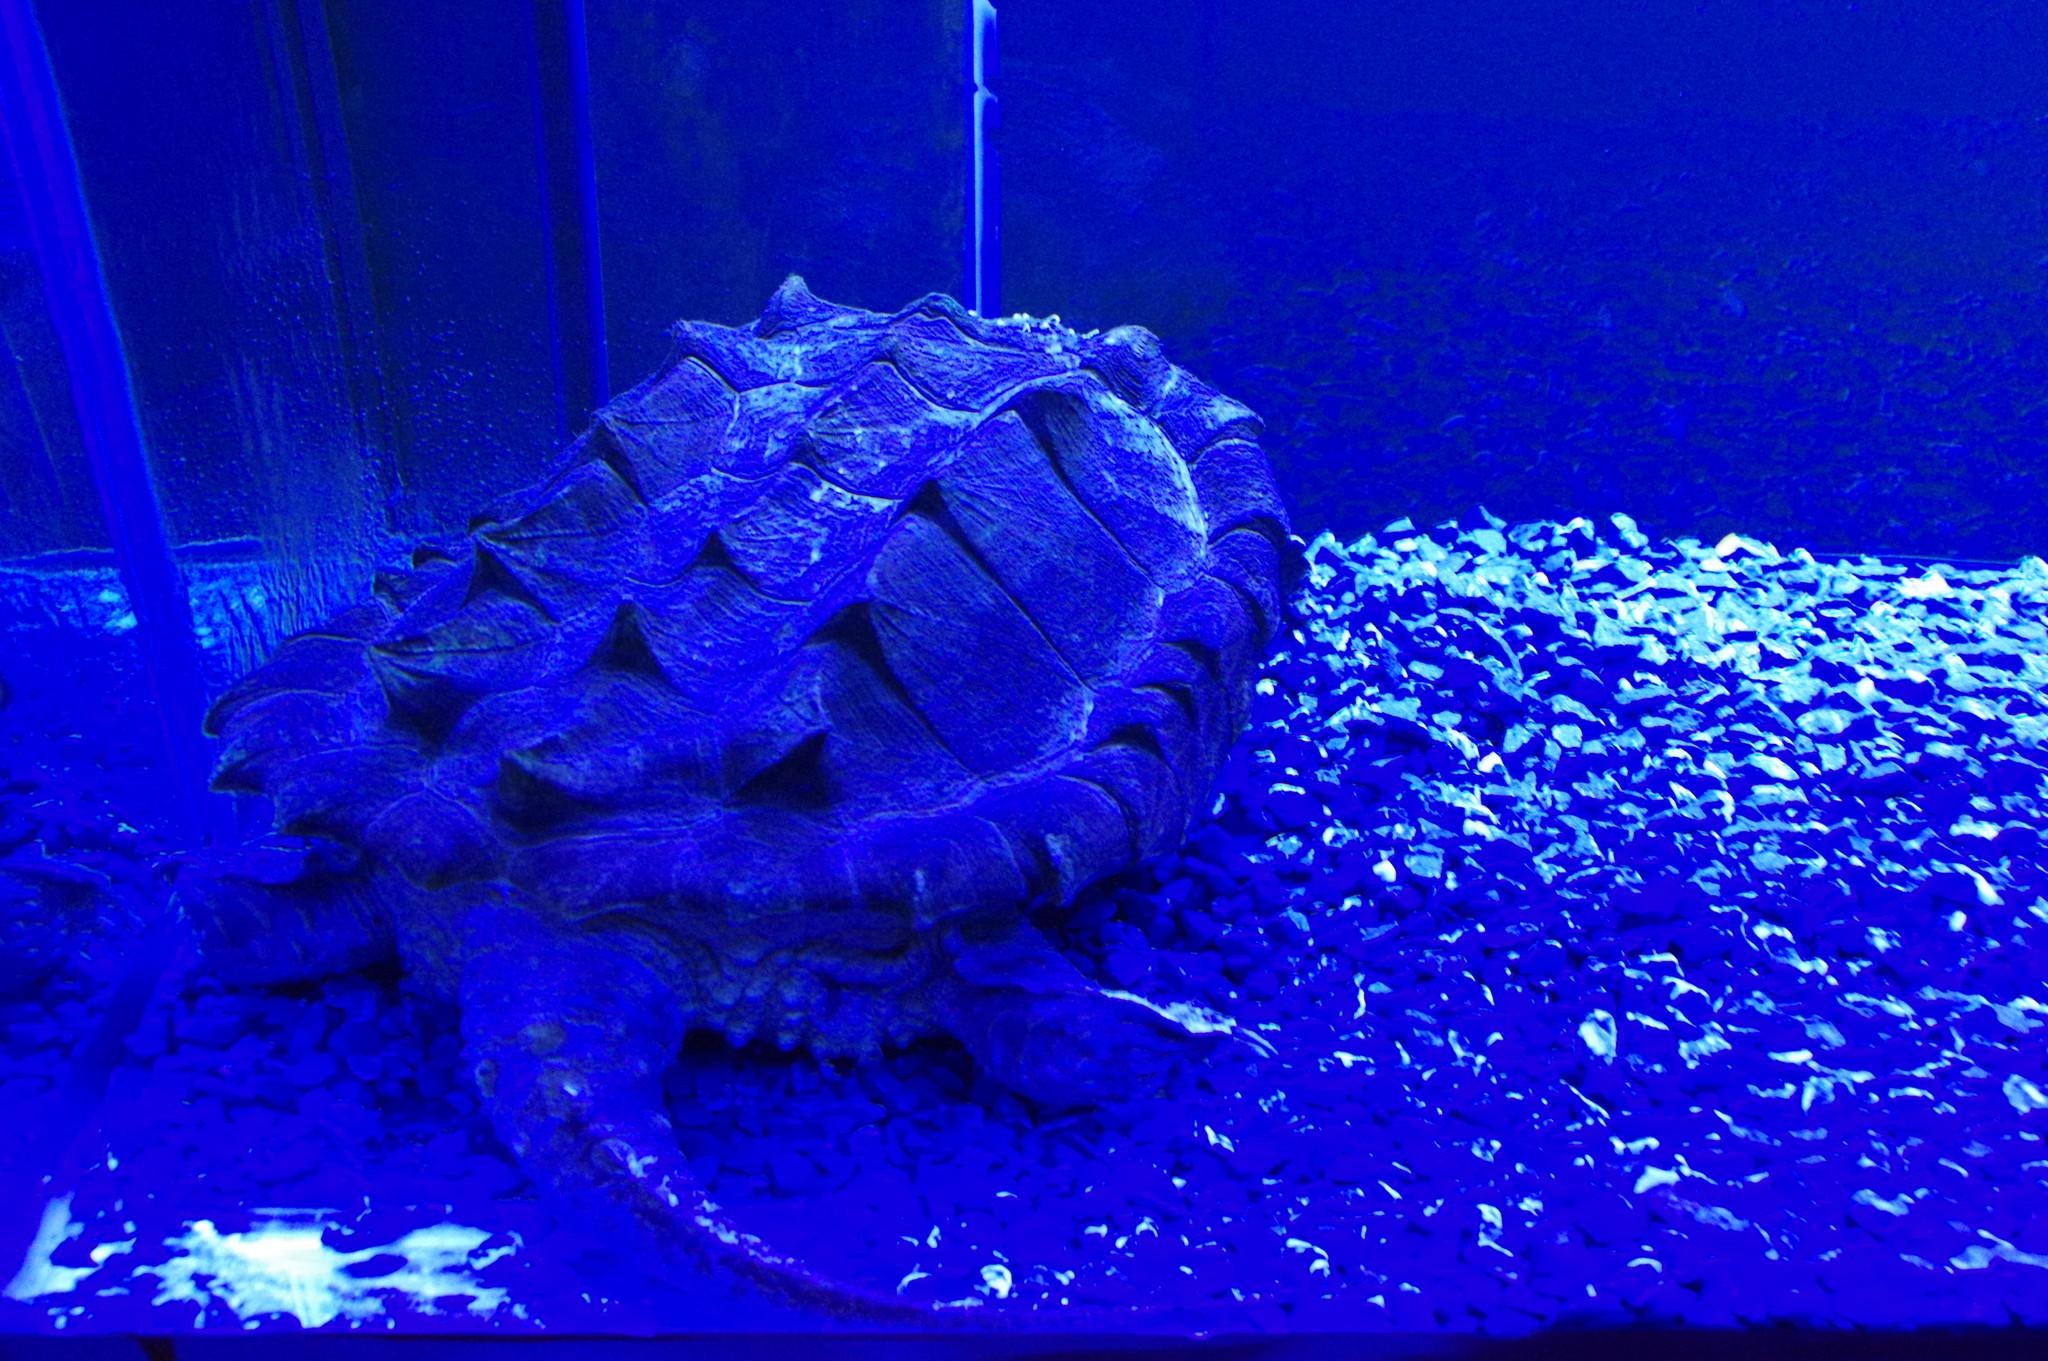 Грифовая, или аллигаторовая, кусающаяся черепаха (Macroclemys temminckii) - самая крупная из пресноводных черепах